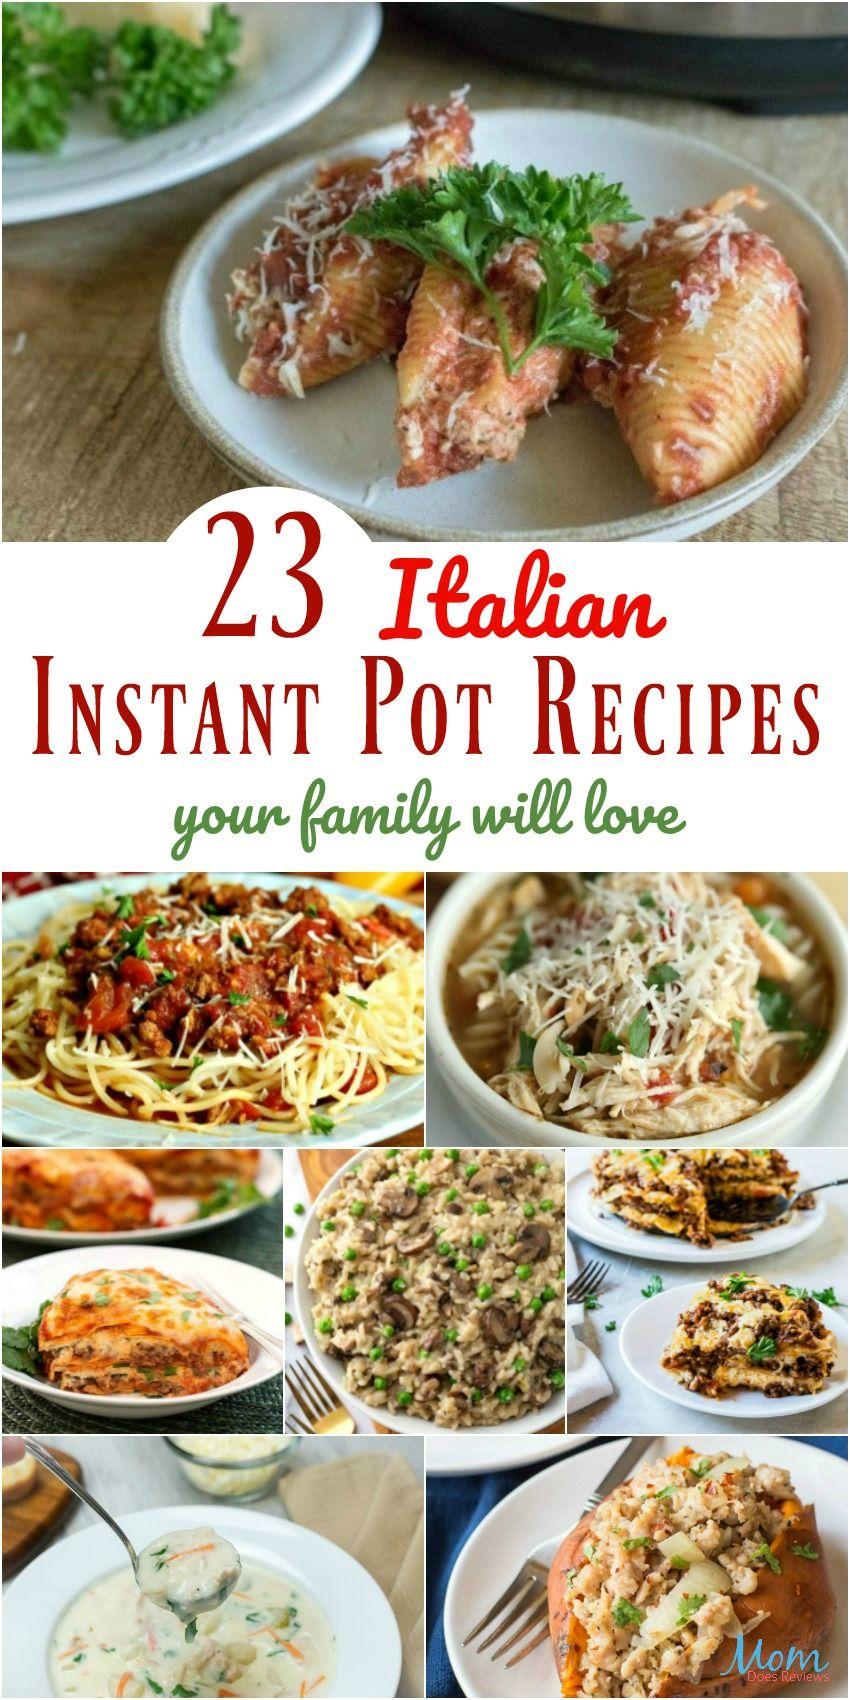 23 easy italian instant pot recipes your family will love